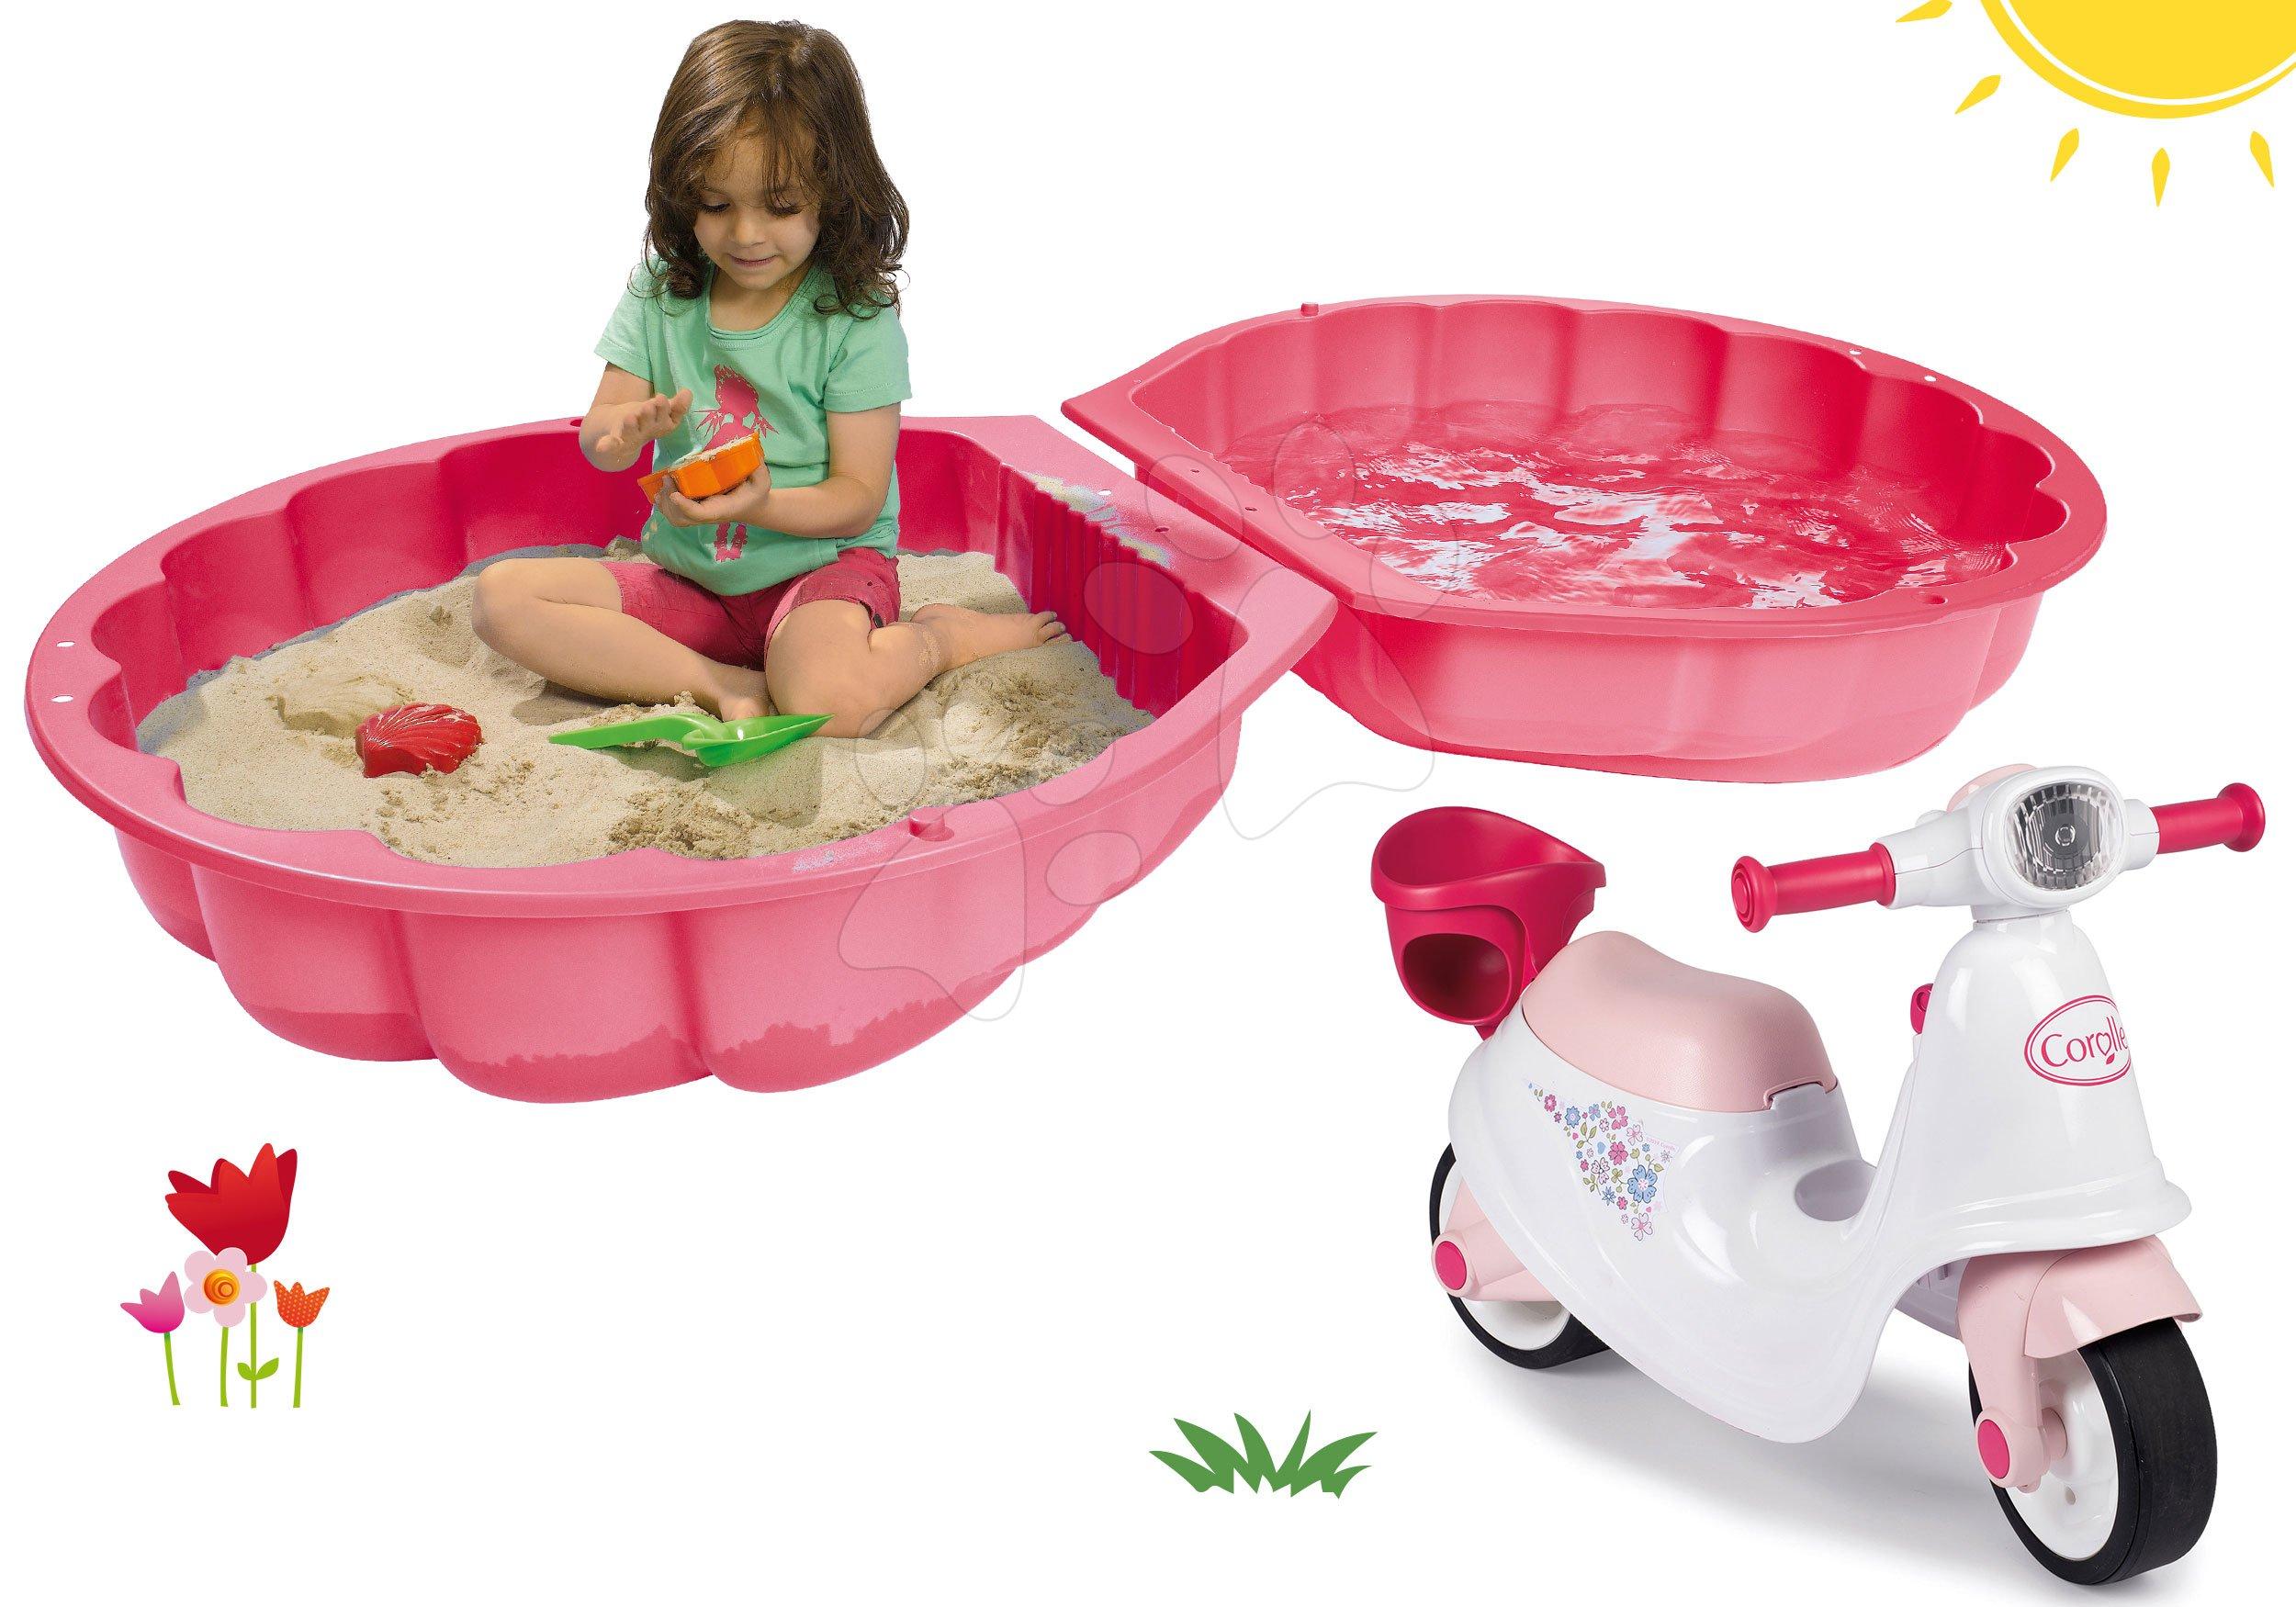 Set pískoviště mušle dvoudílné Watershell Pink BIG růžové a odrážedlo motorka Corolle s nosítko pro panenku